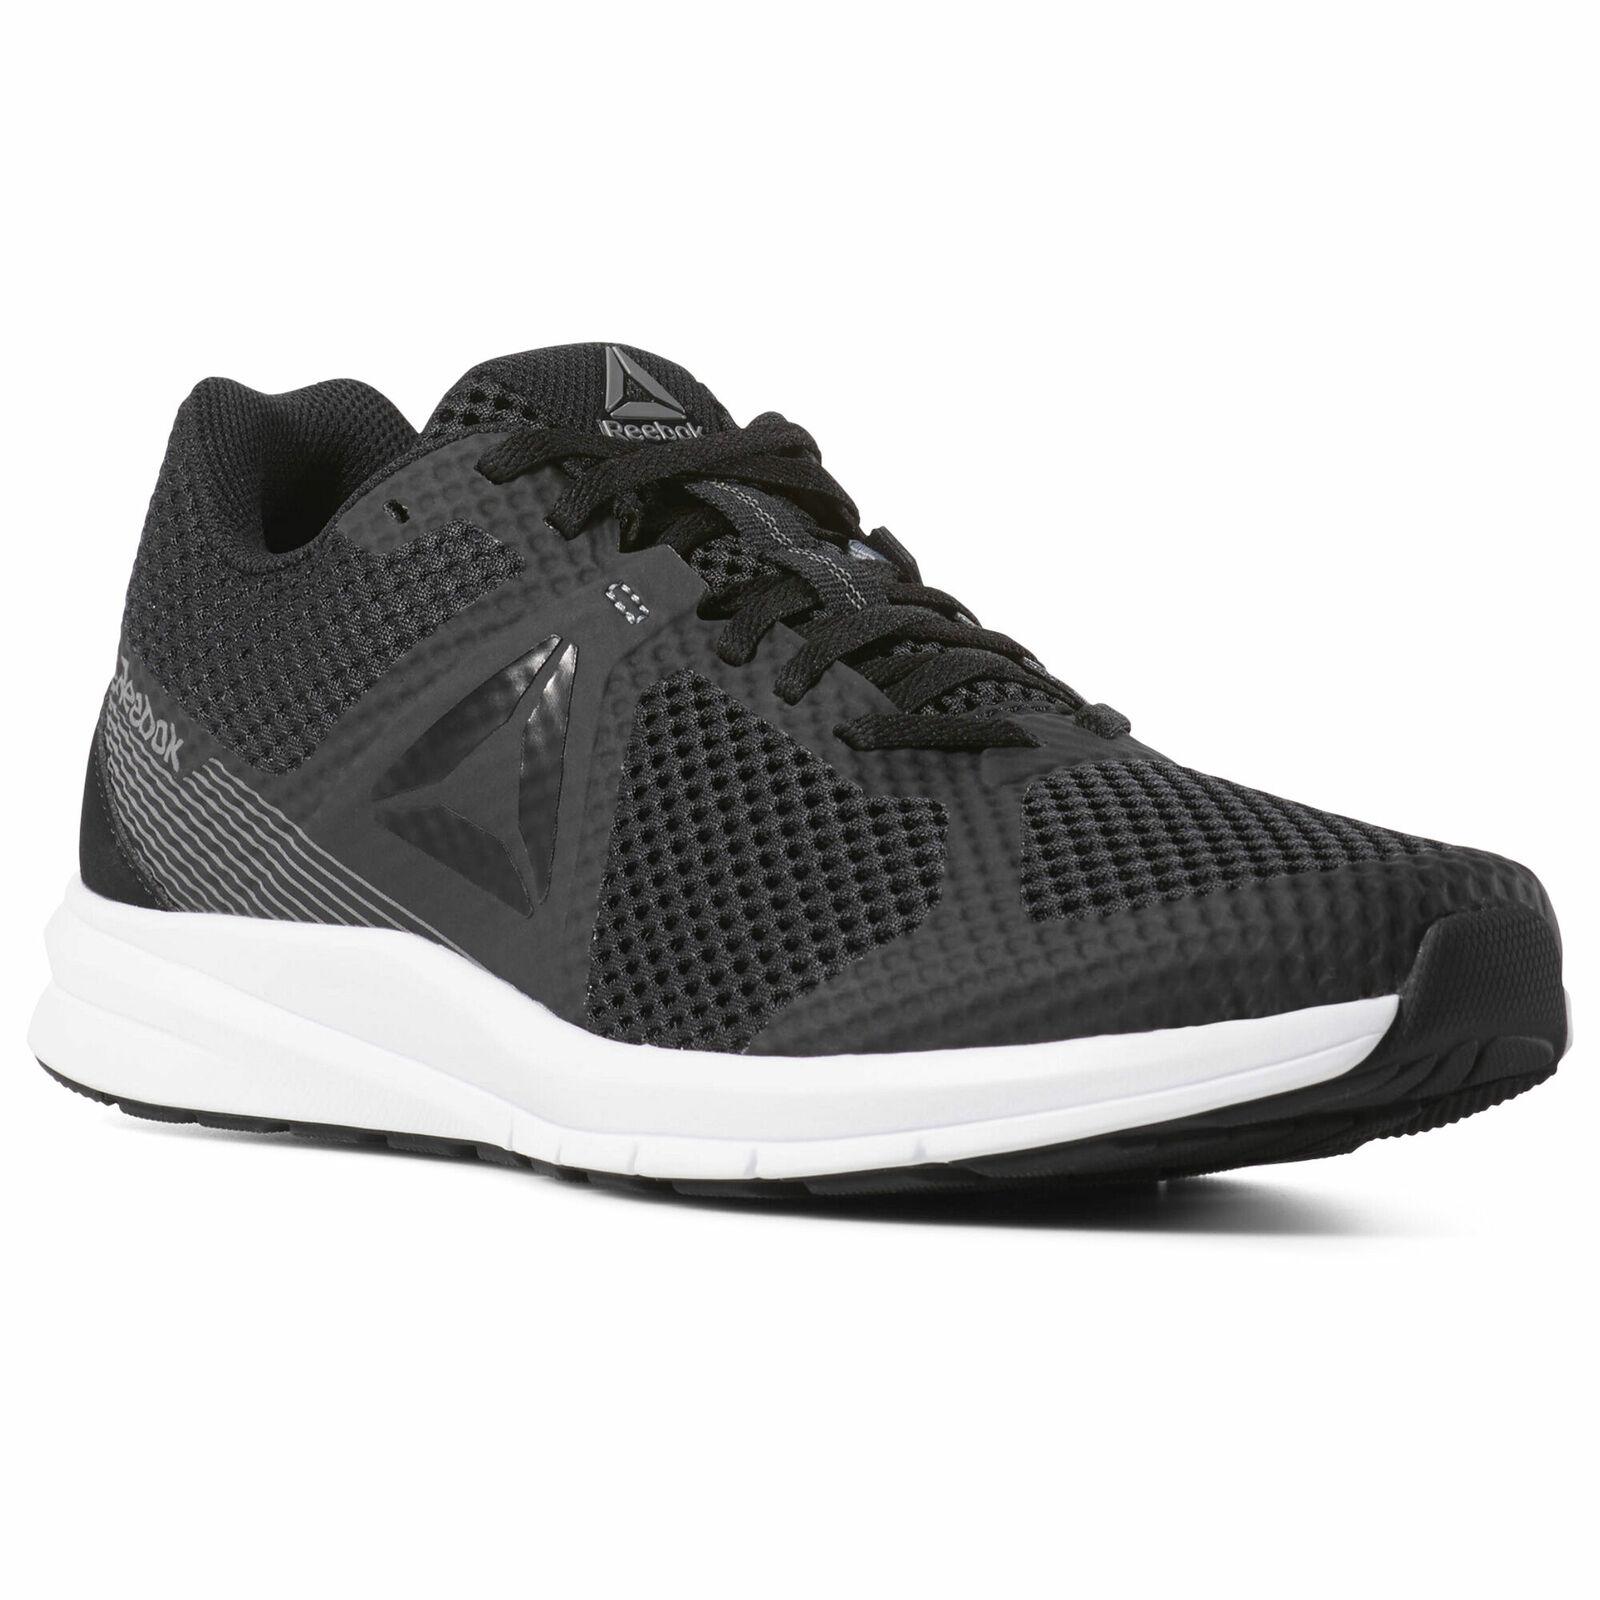 Reebok Men's Endless Road Shoes $26